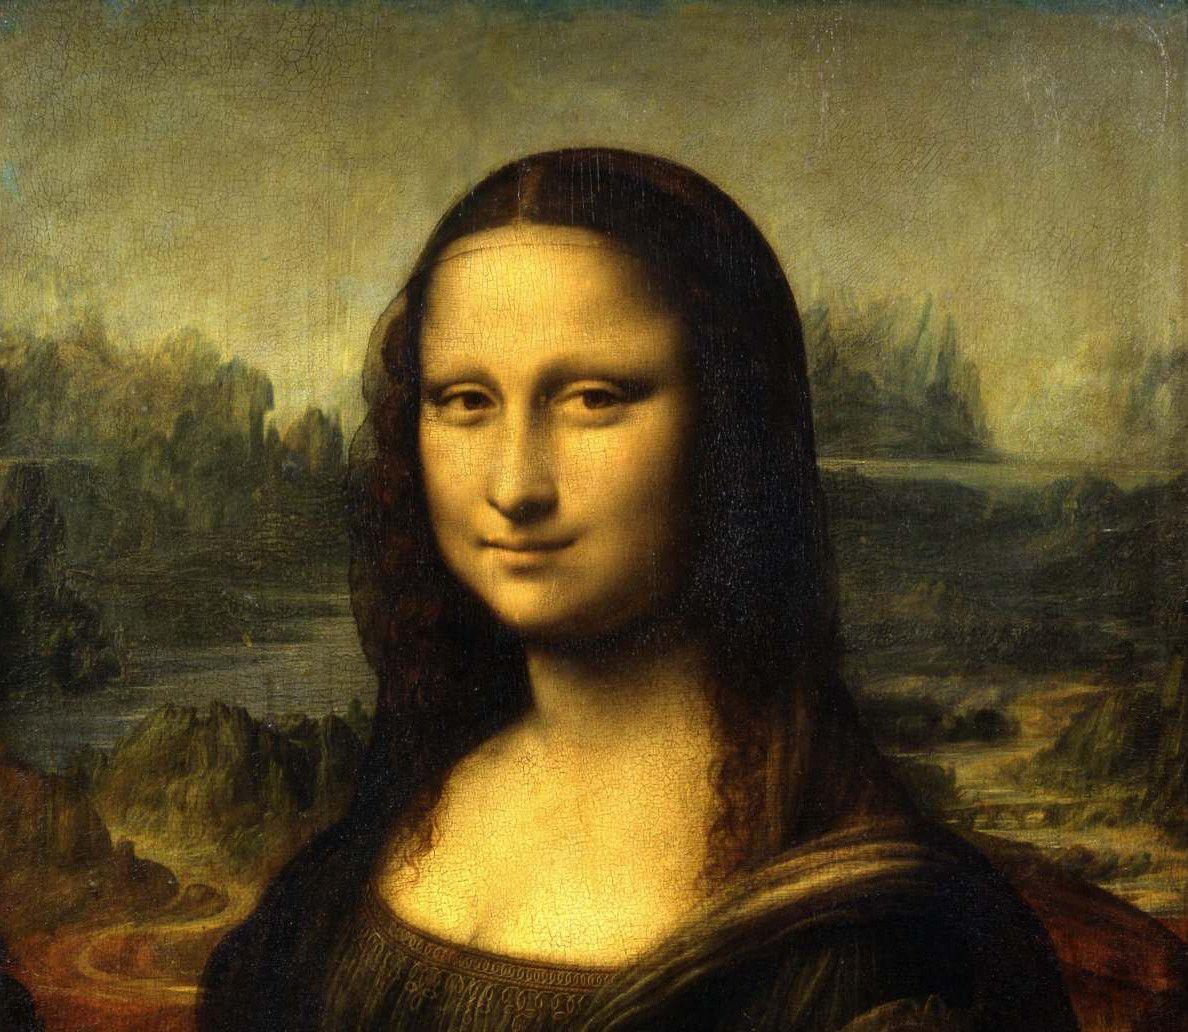 La Joconde fascine le monde entier Et pourtant Mona Lisa garde tous ses secrets